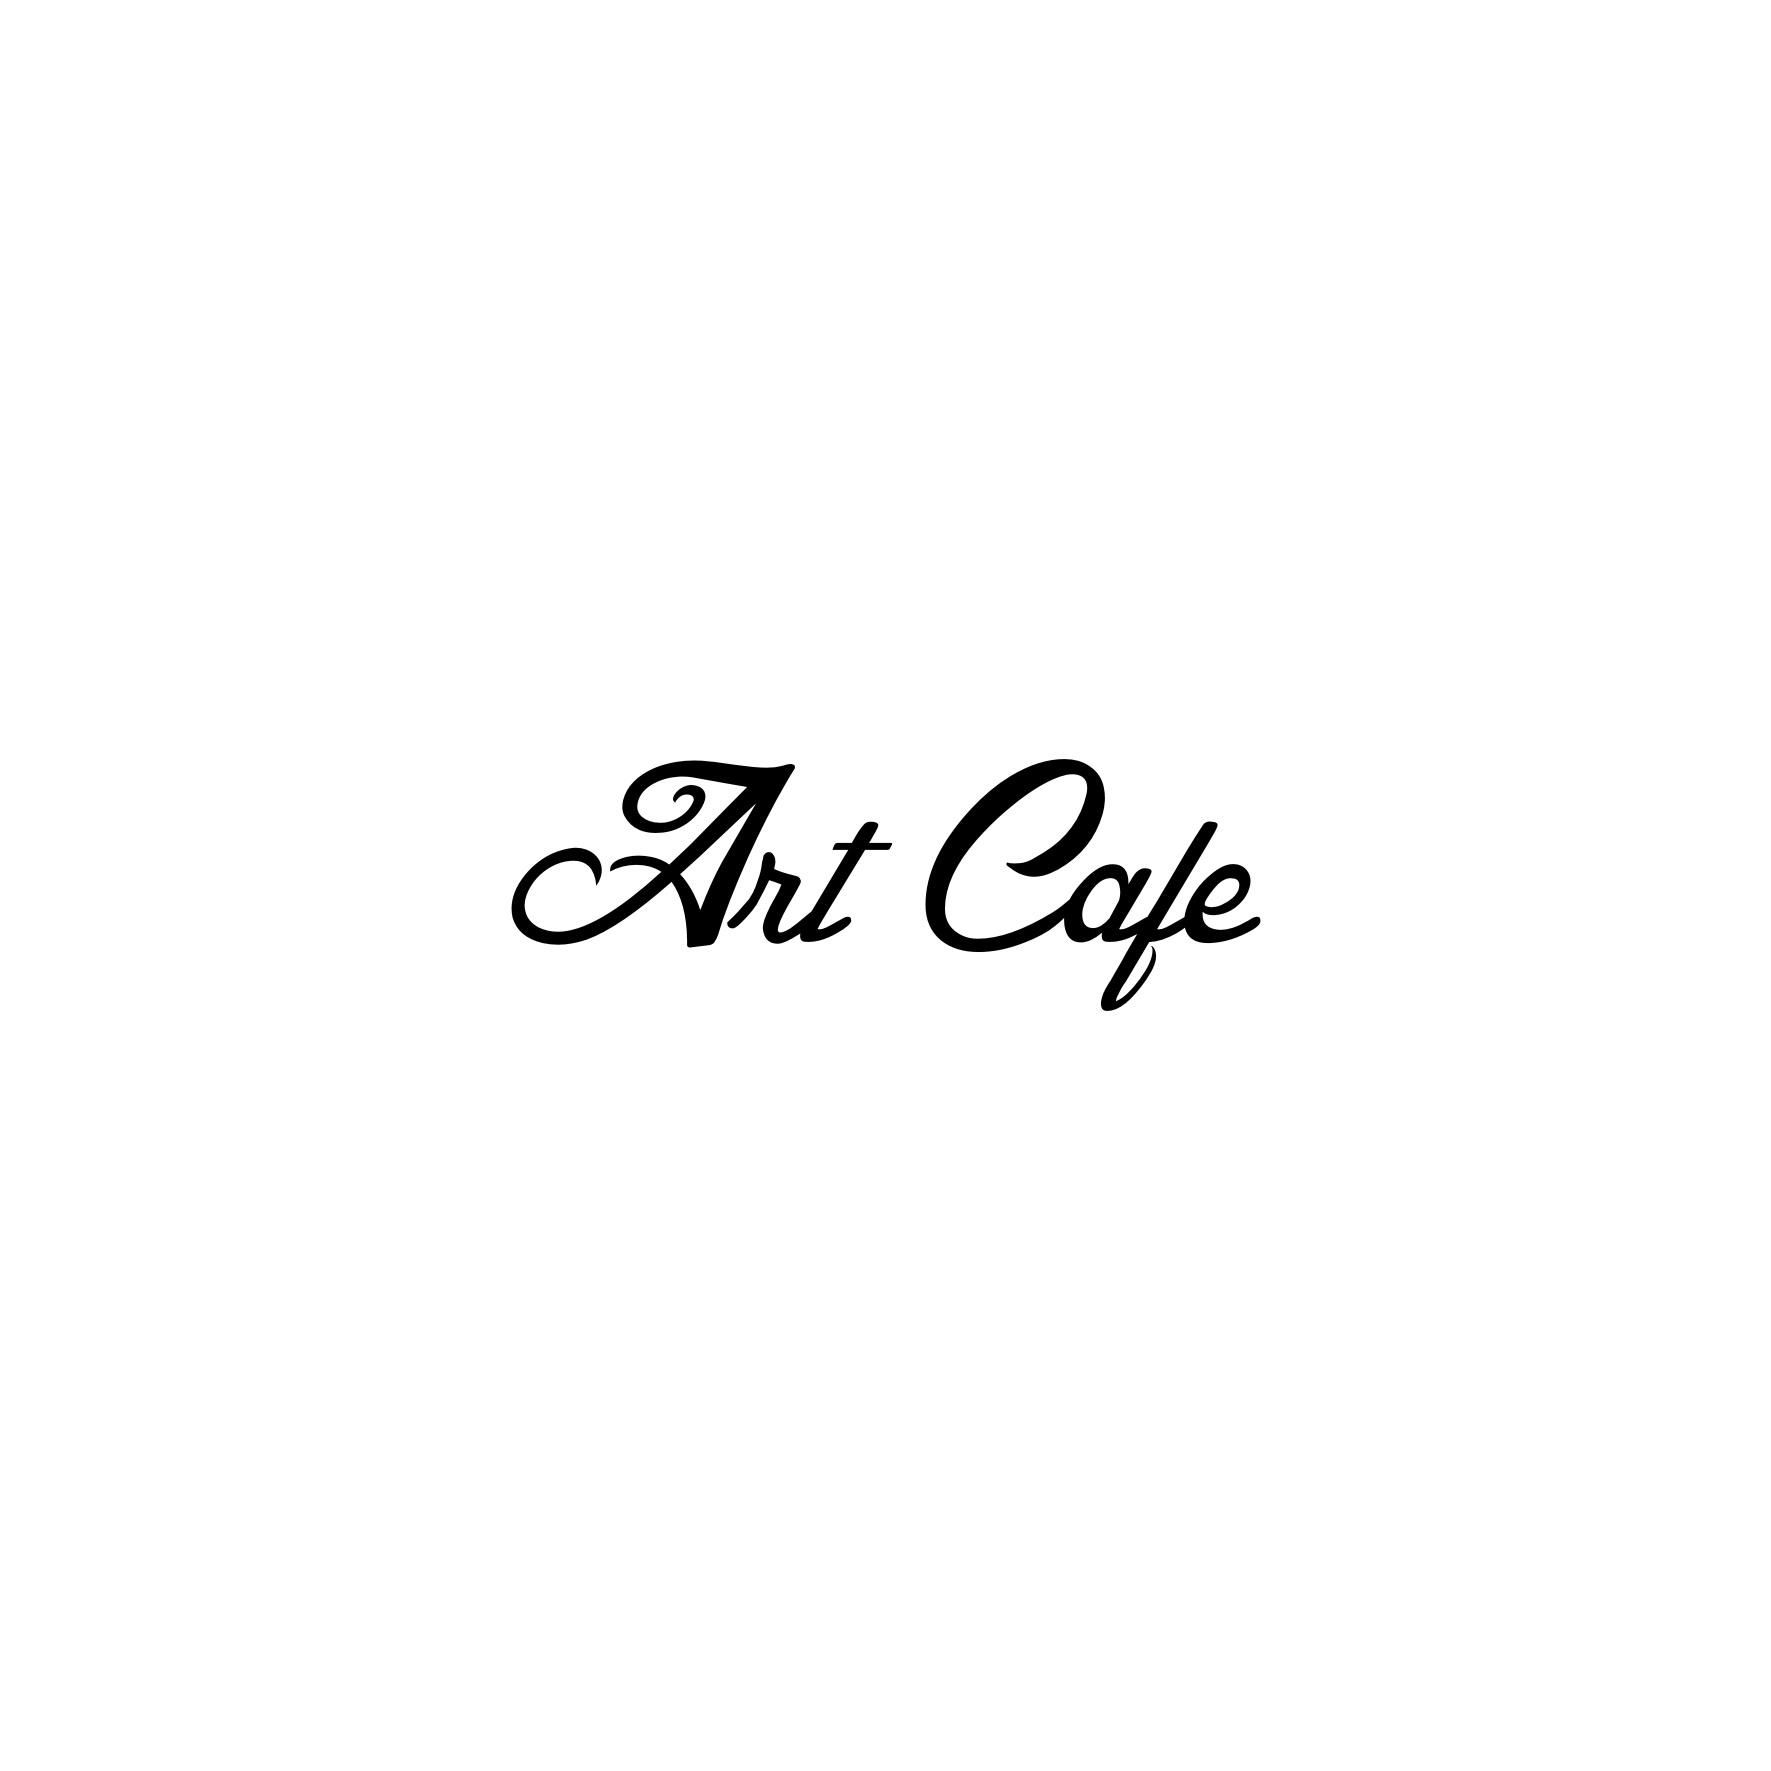 https://0501.nccdn.net/4_2/000/000/008/486/artcafe_by_koukida-1771x1771.jpg